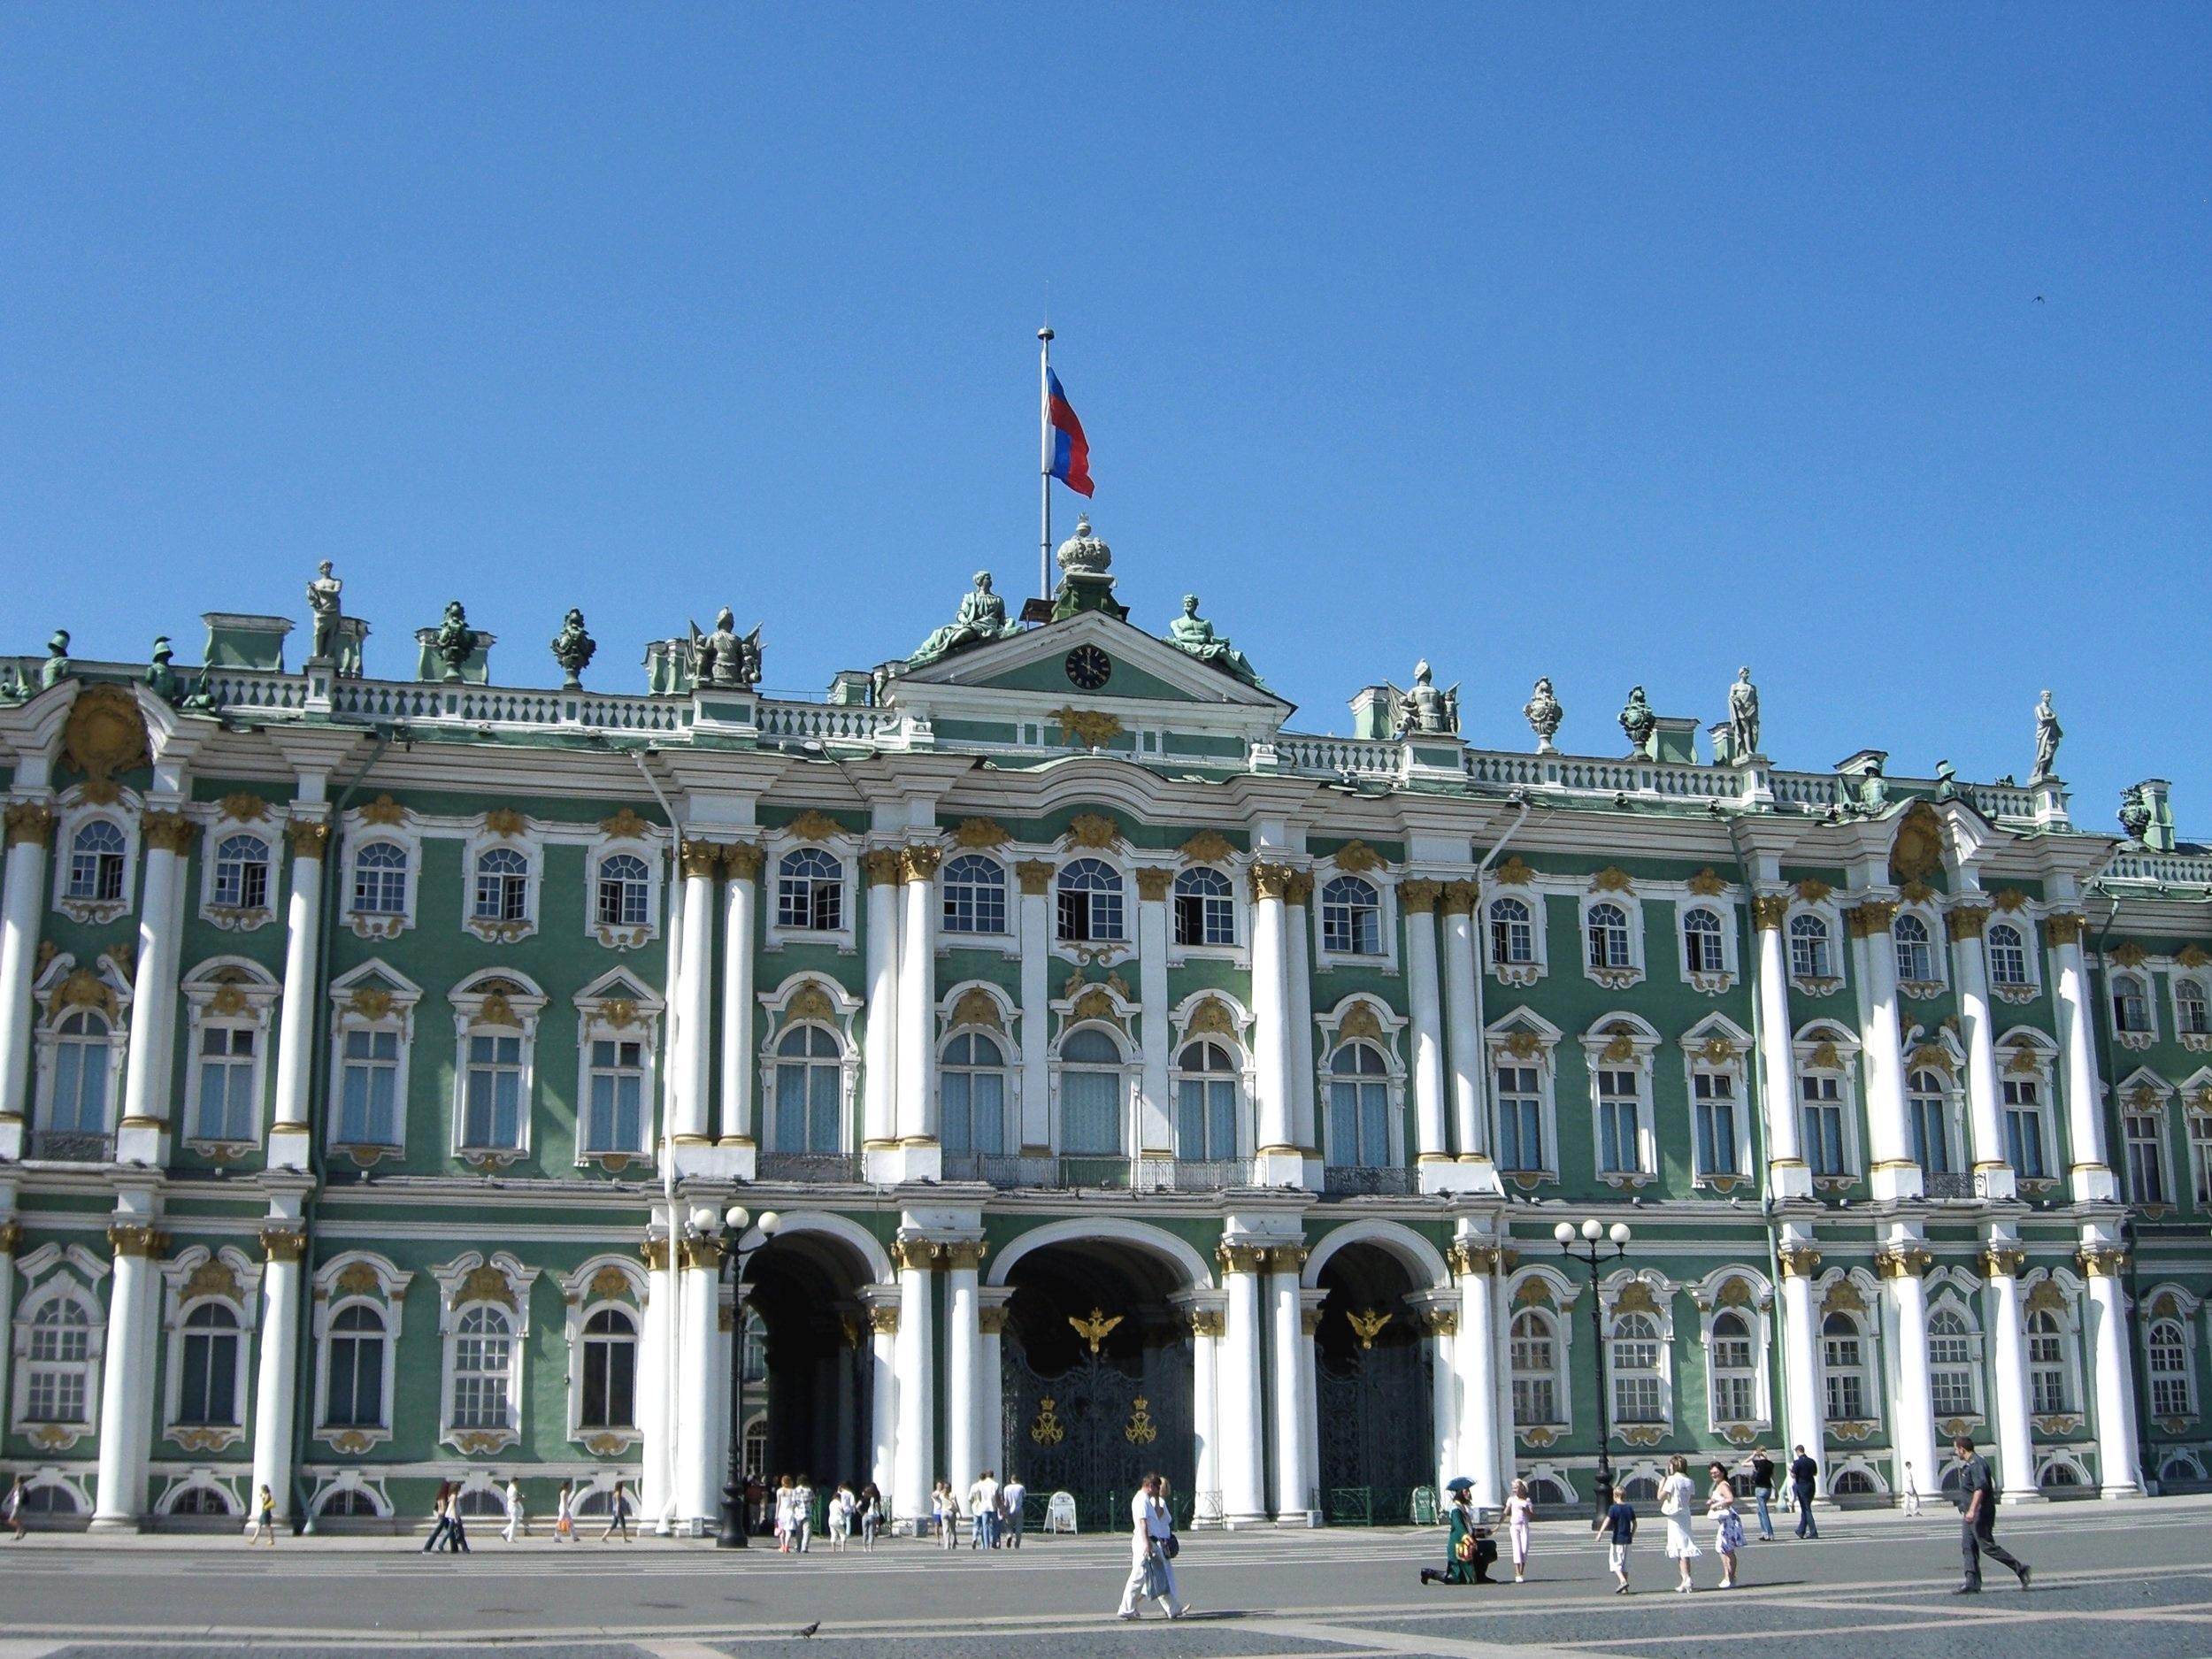 Winter_Palace,_Hermitage_Museum.jpg